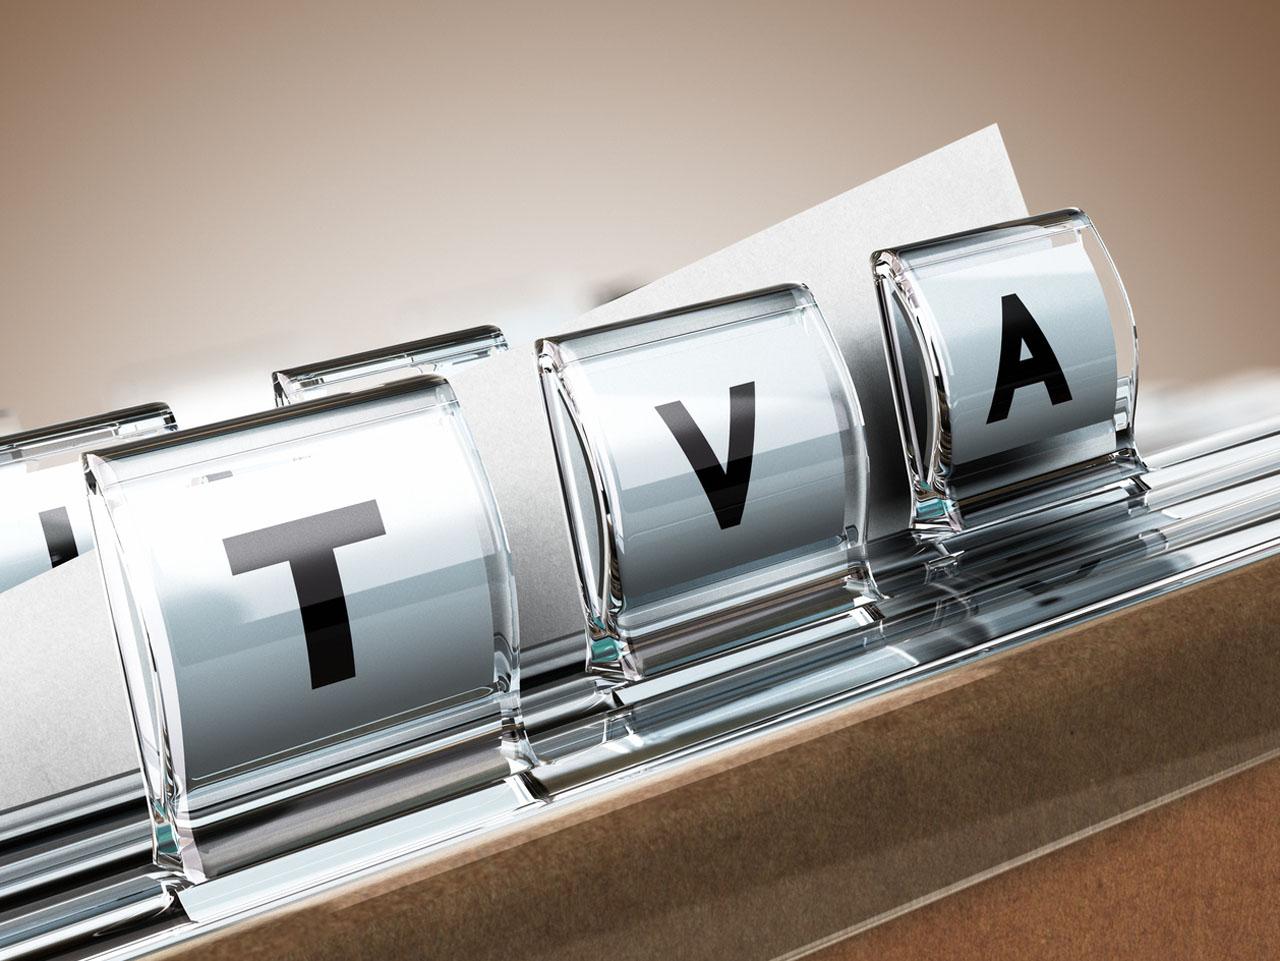 La TVA réduite pour les travaux interpelle la Cour des comptes